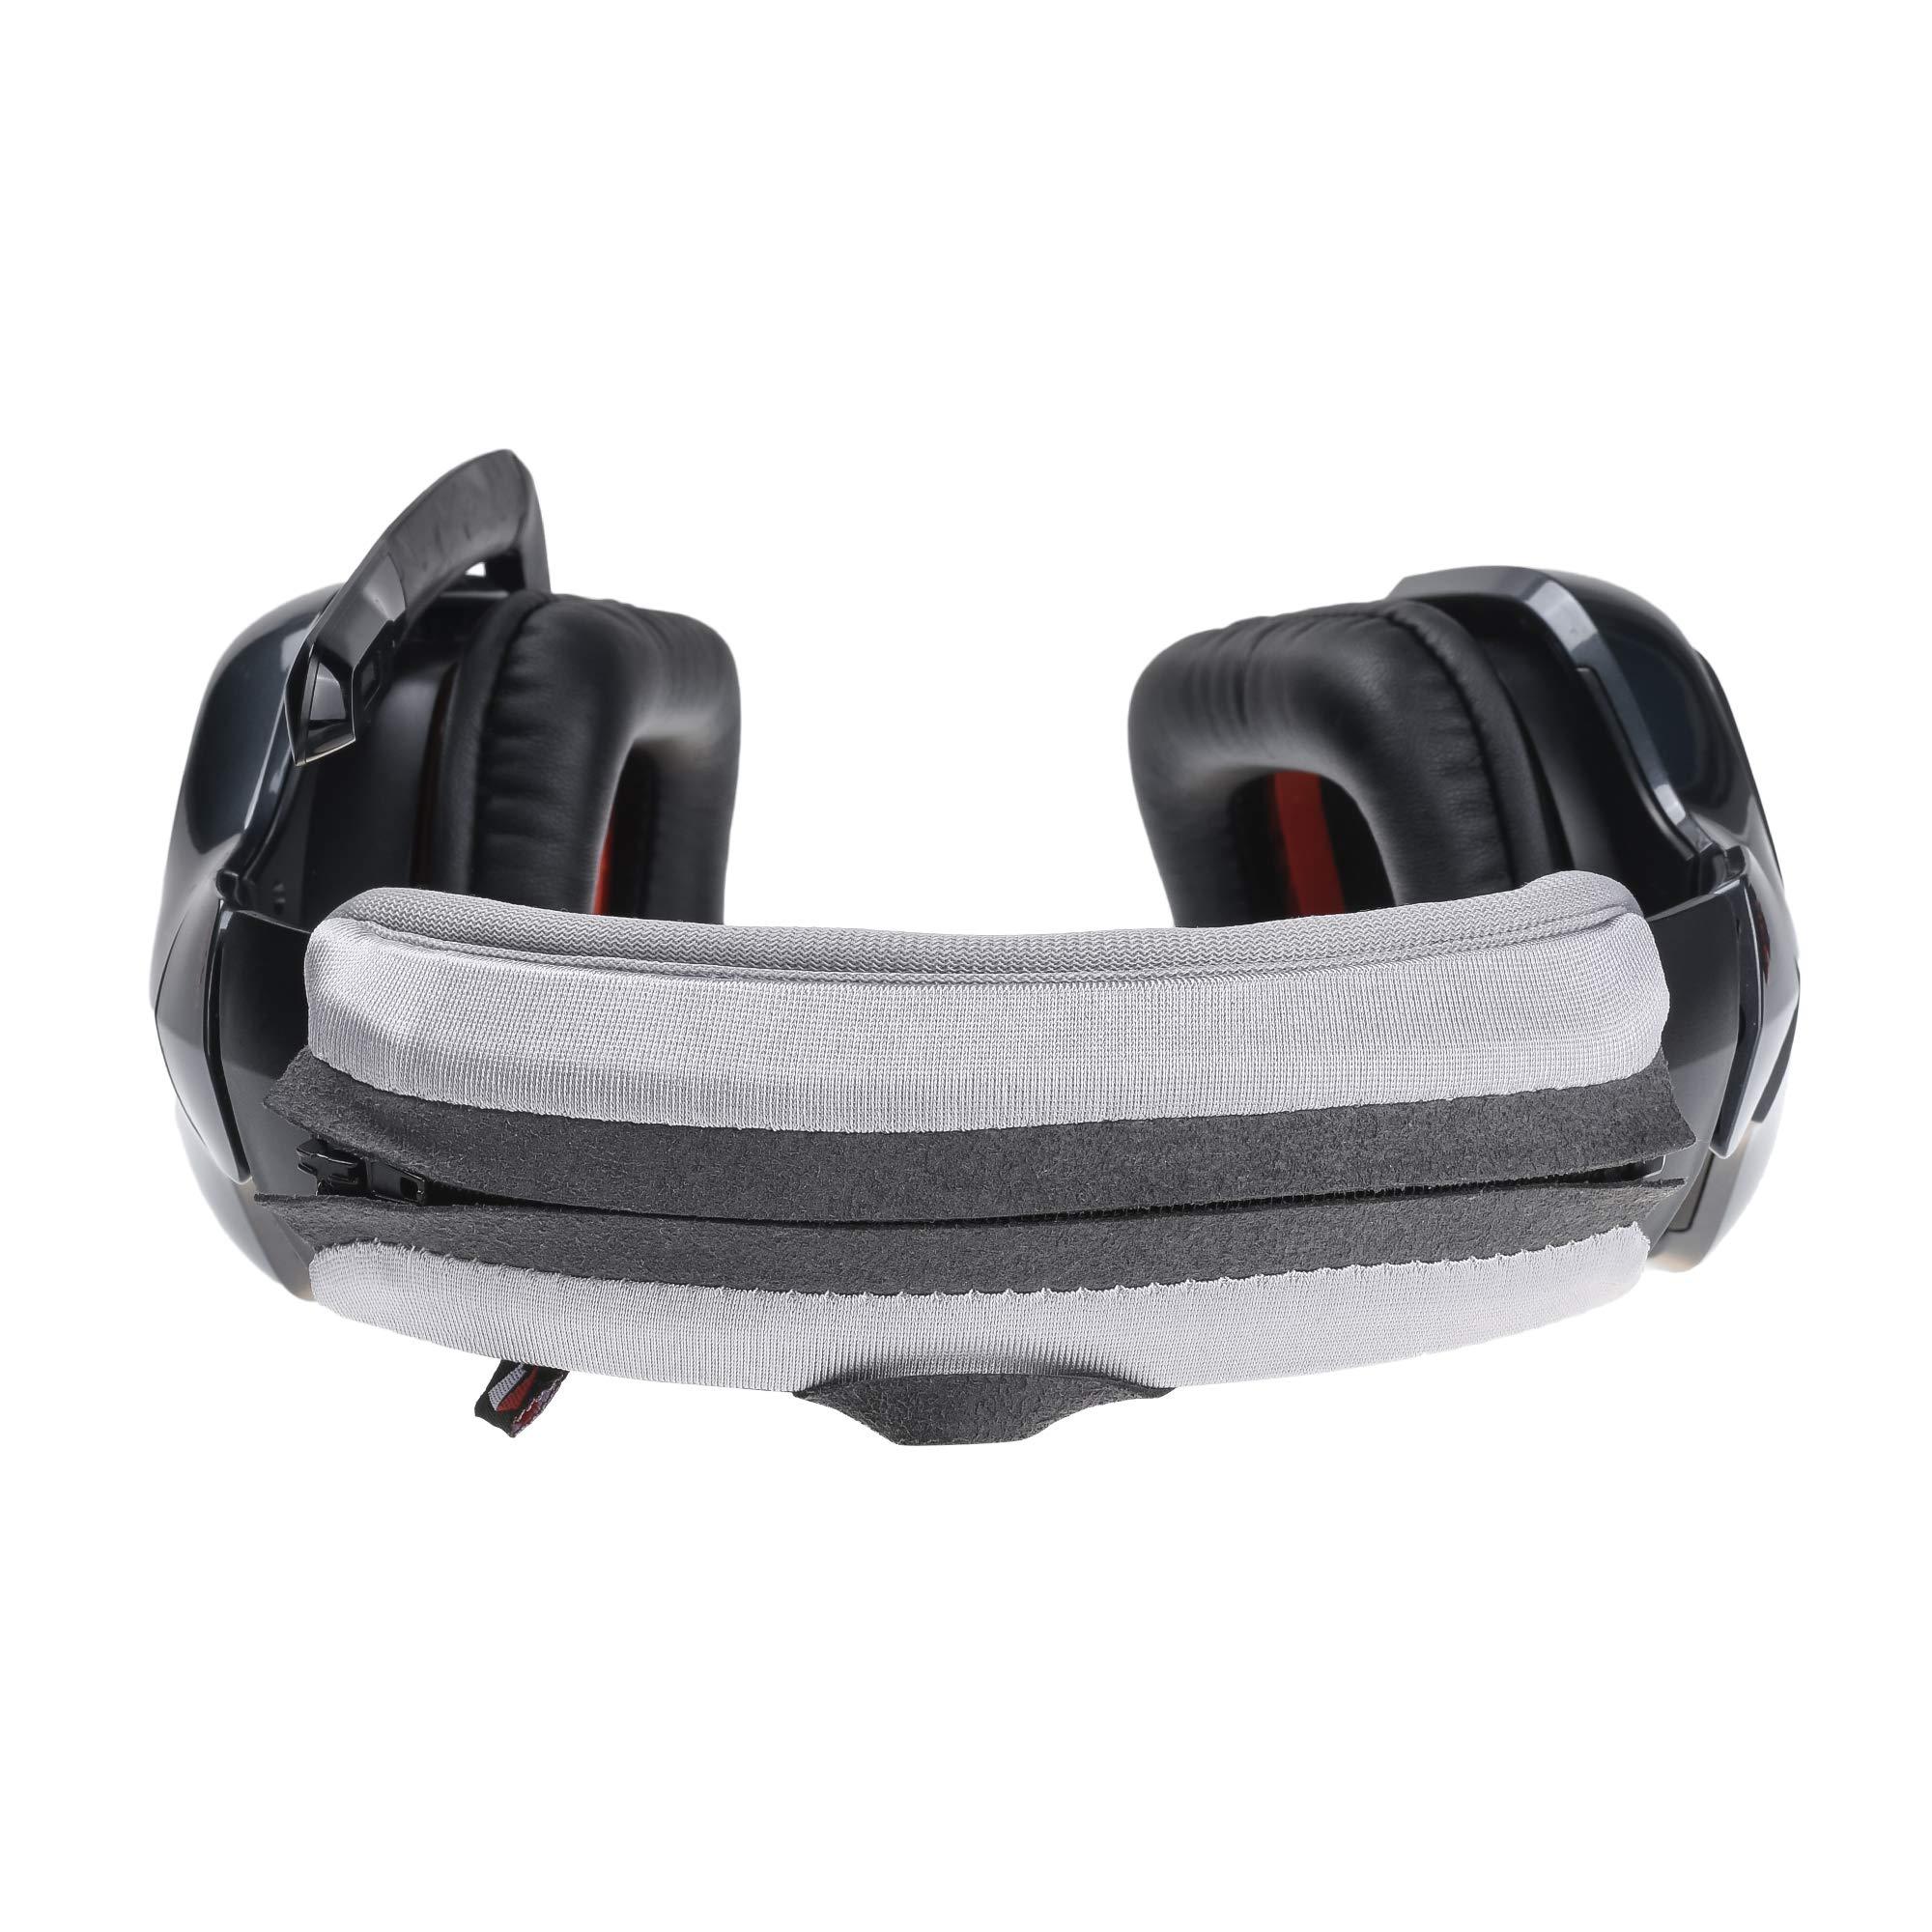 Diadema Auriculares QC35 Headband Cover Beats Solo 3 As